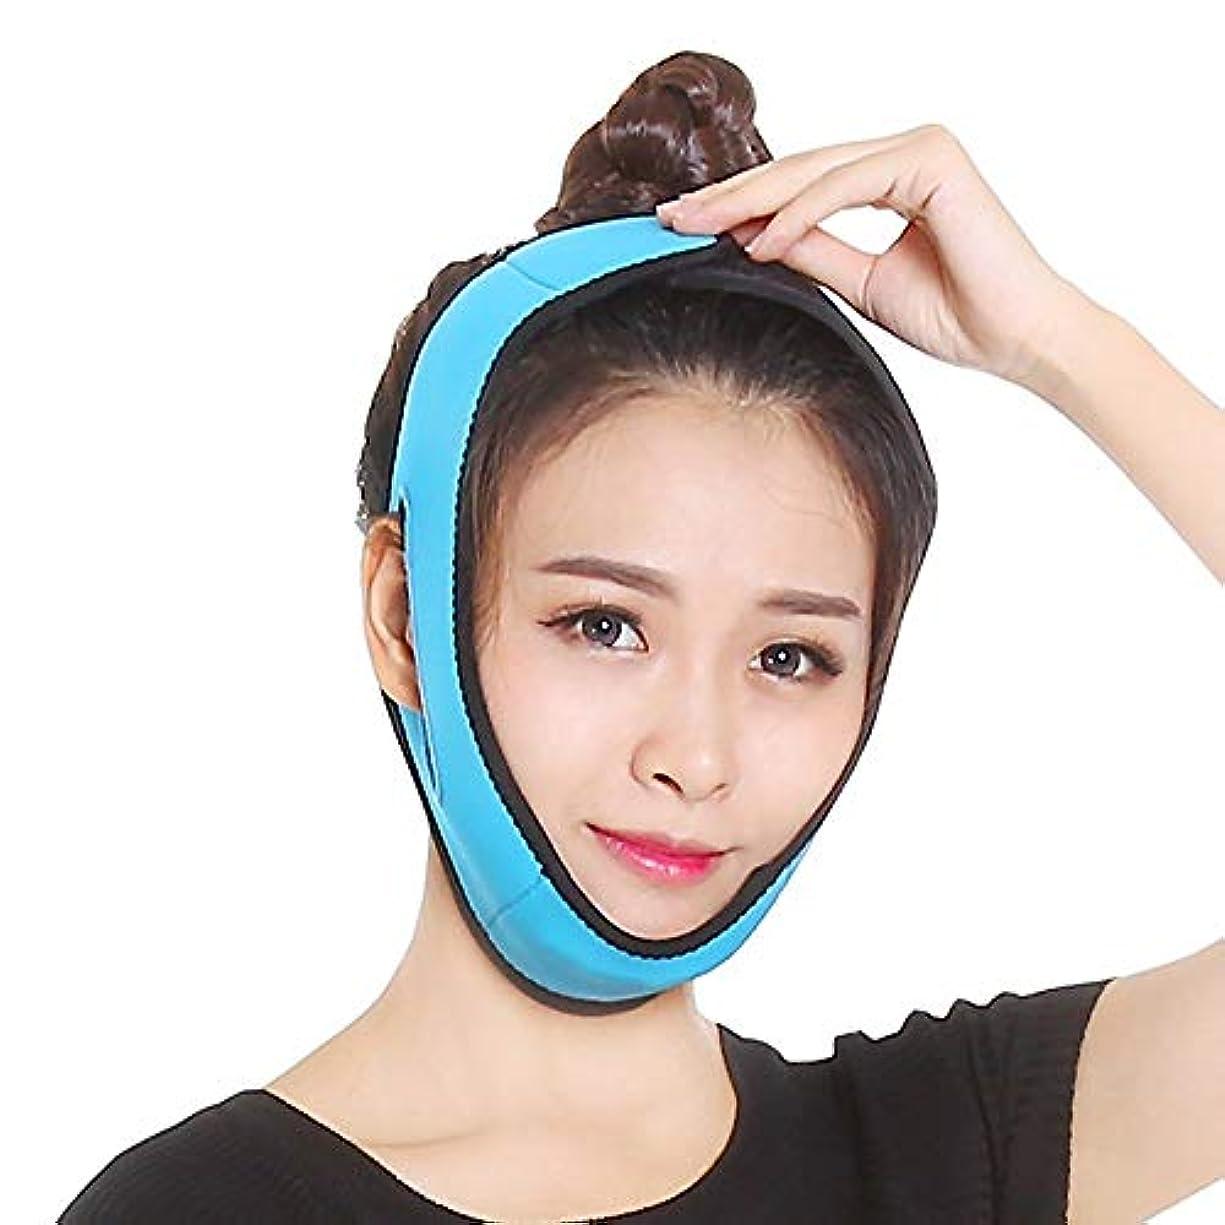 強制届けるドラムXINGZHE フェイシャルリフティングスリミングベルト - 薄いフェイス包帯二重あごデバイス無料フェイシャルマッサージ整形マスクを引き締める顔と首の顔スリム フェイスリフティングベルト